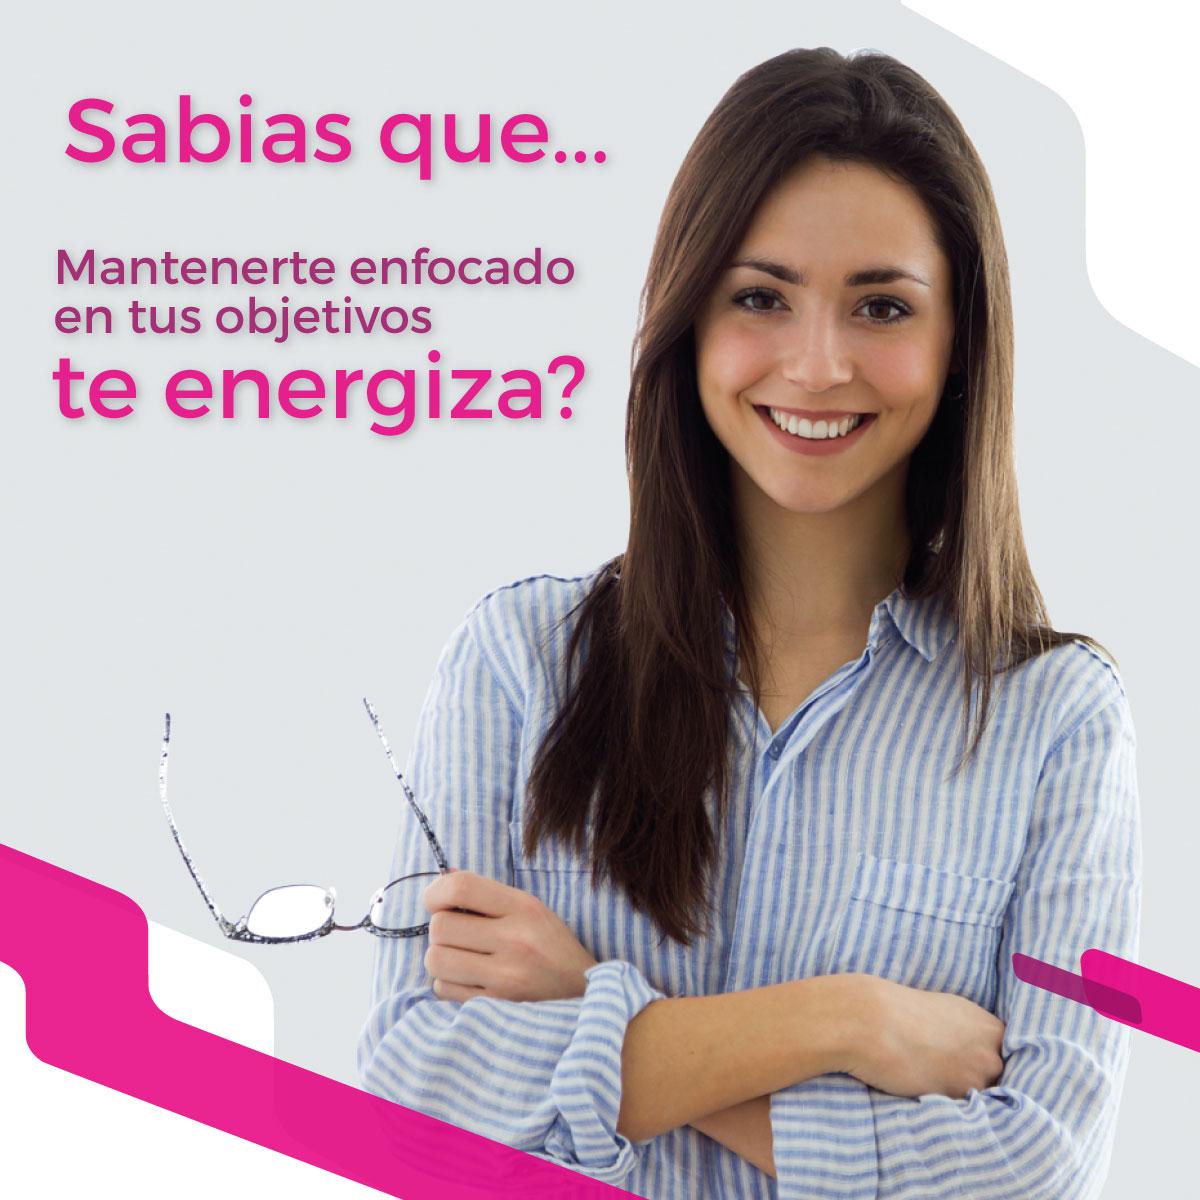 Enfoque que energiza